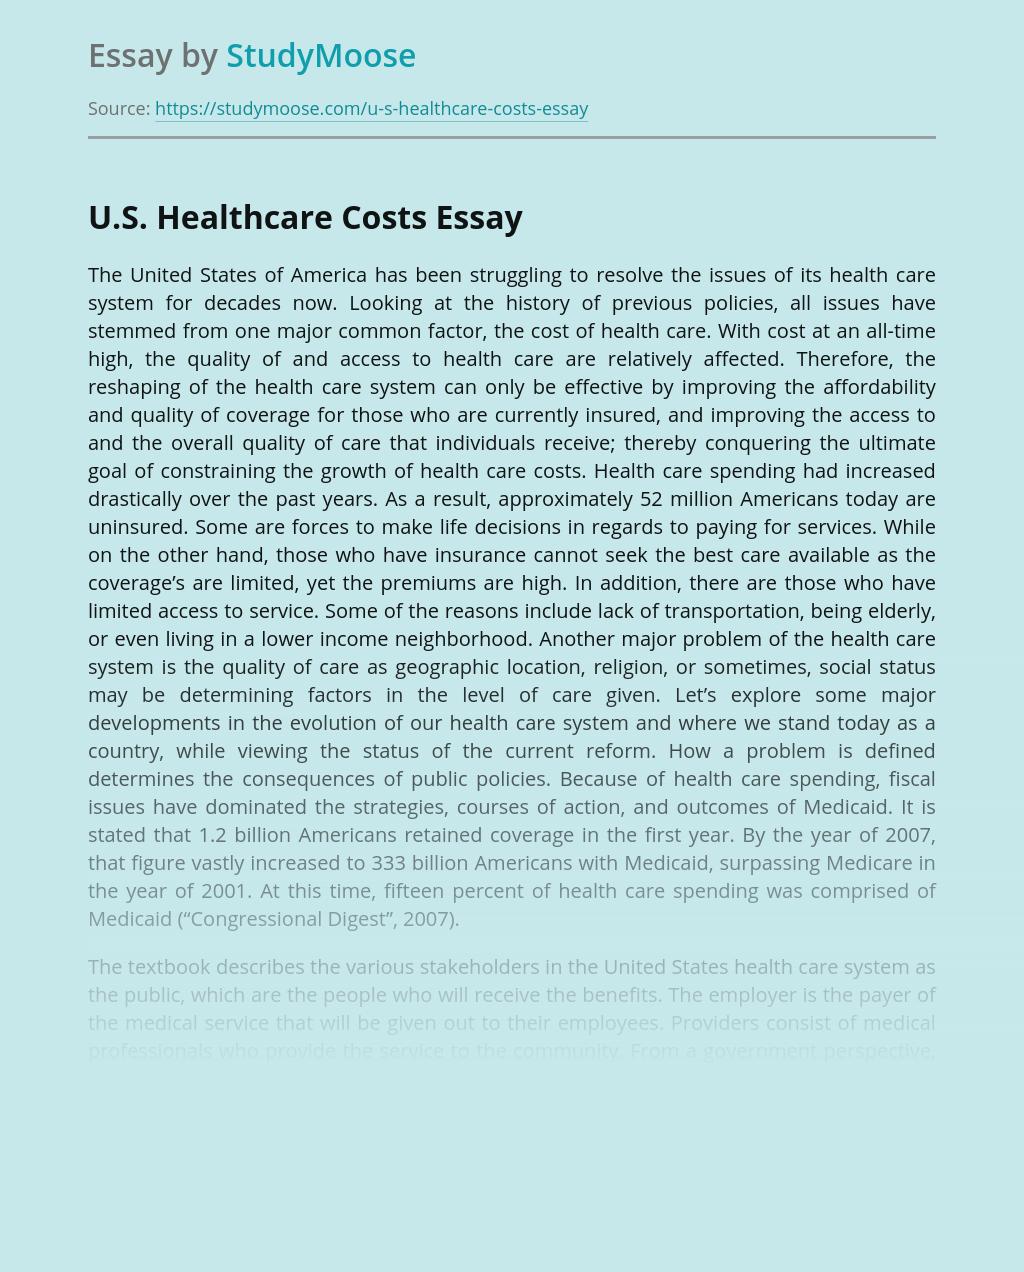 U.S. Healthcare Costs